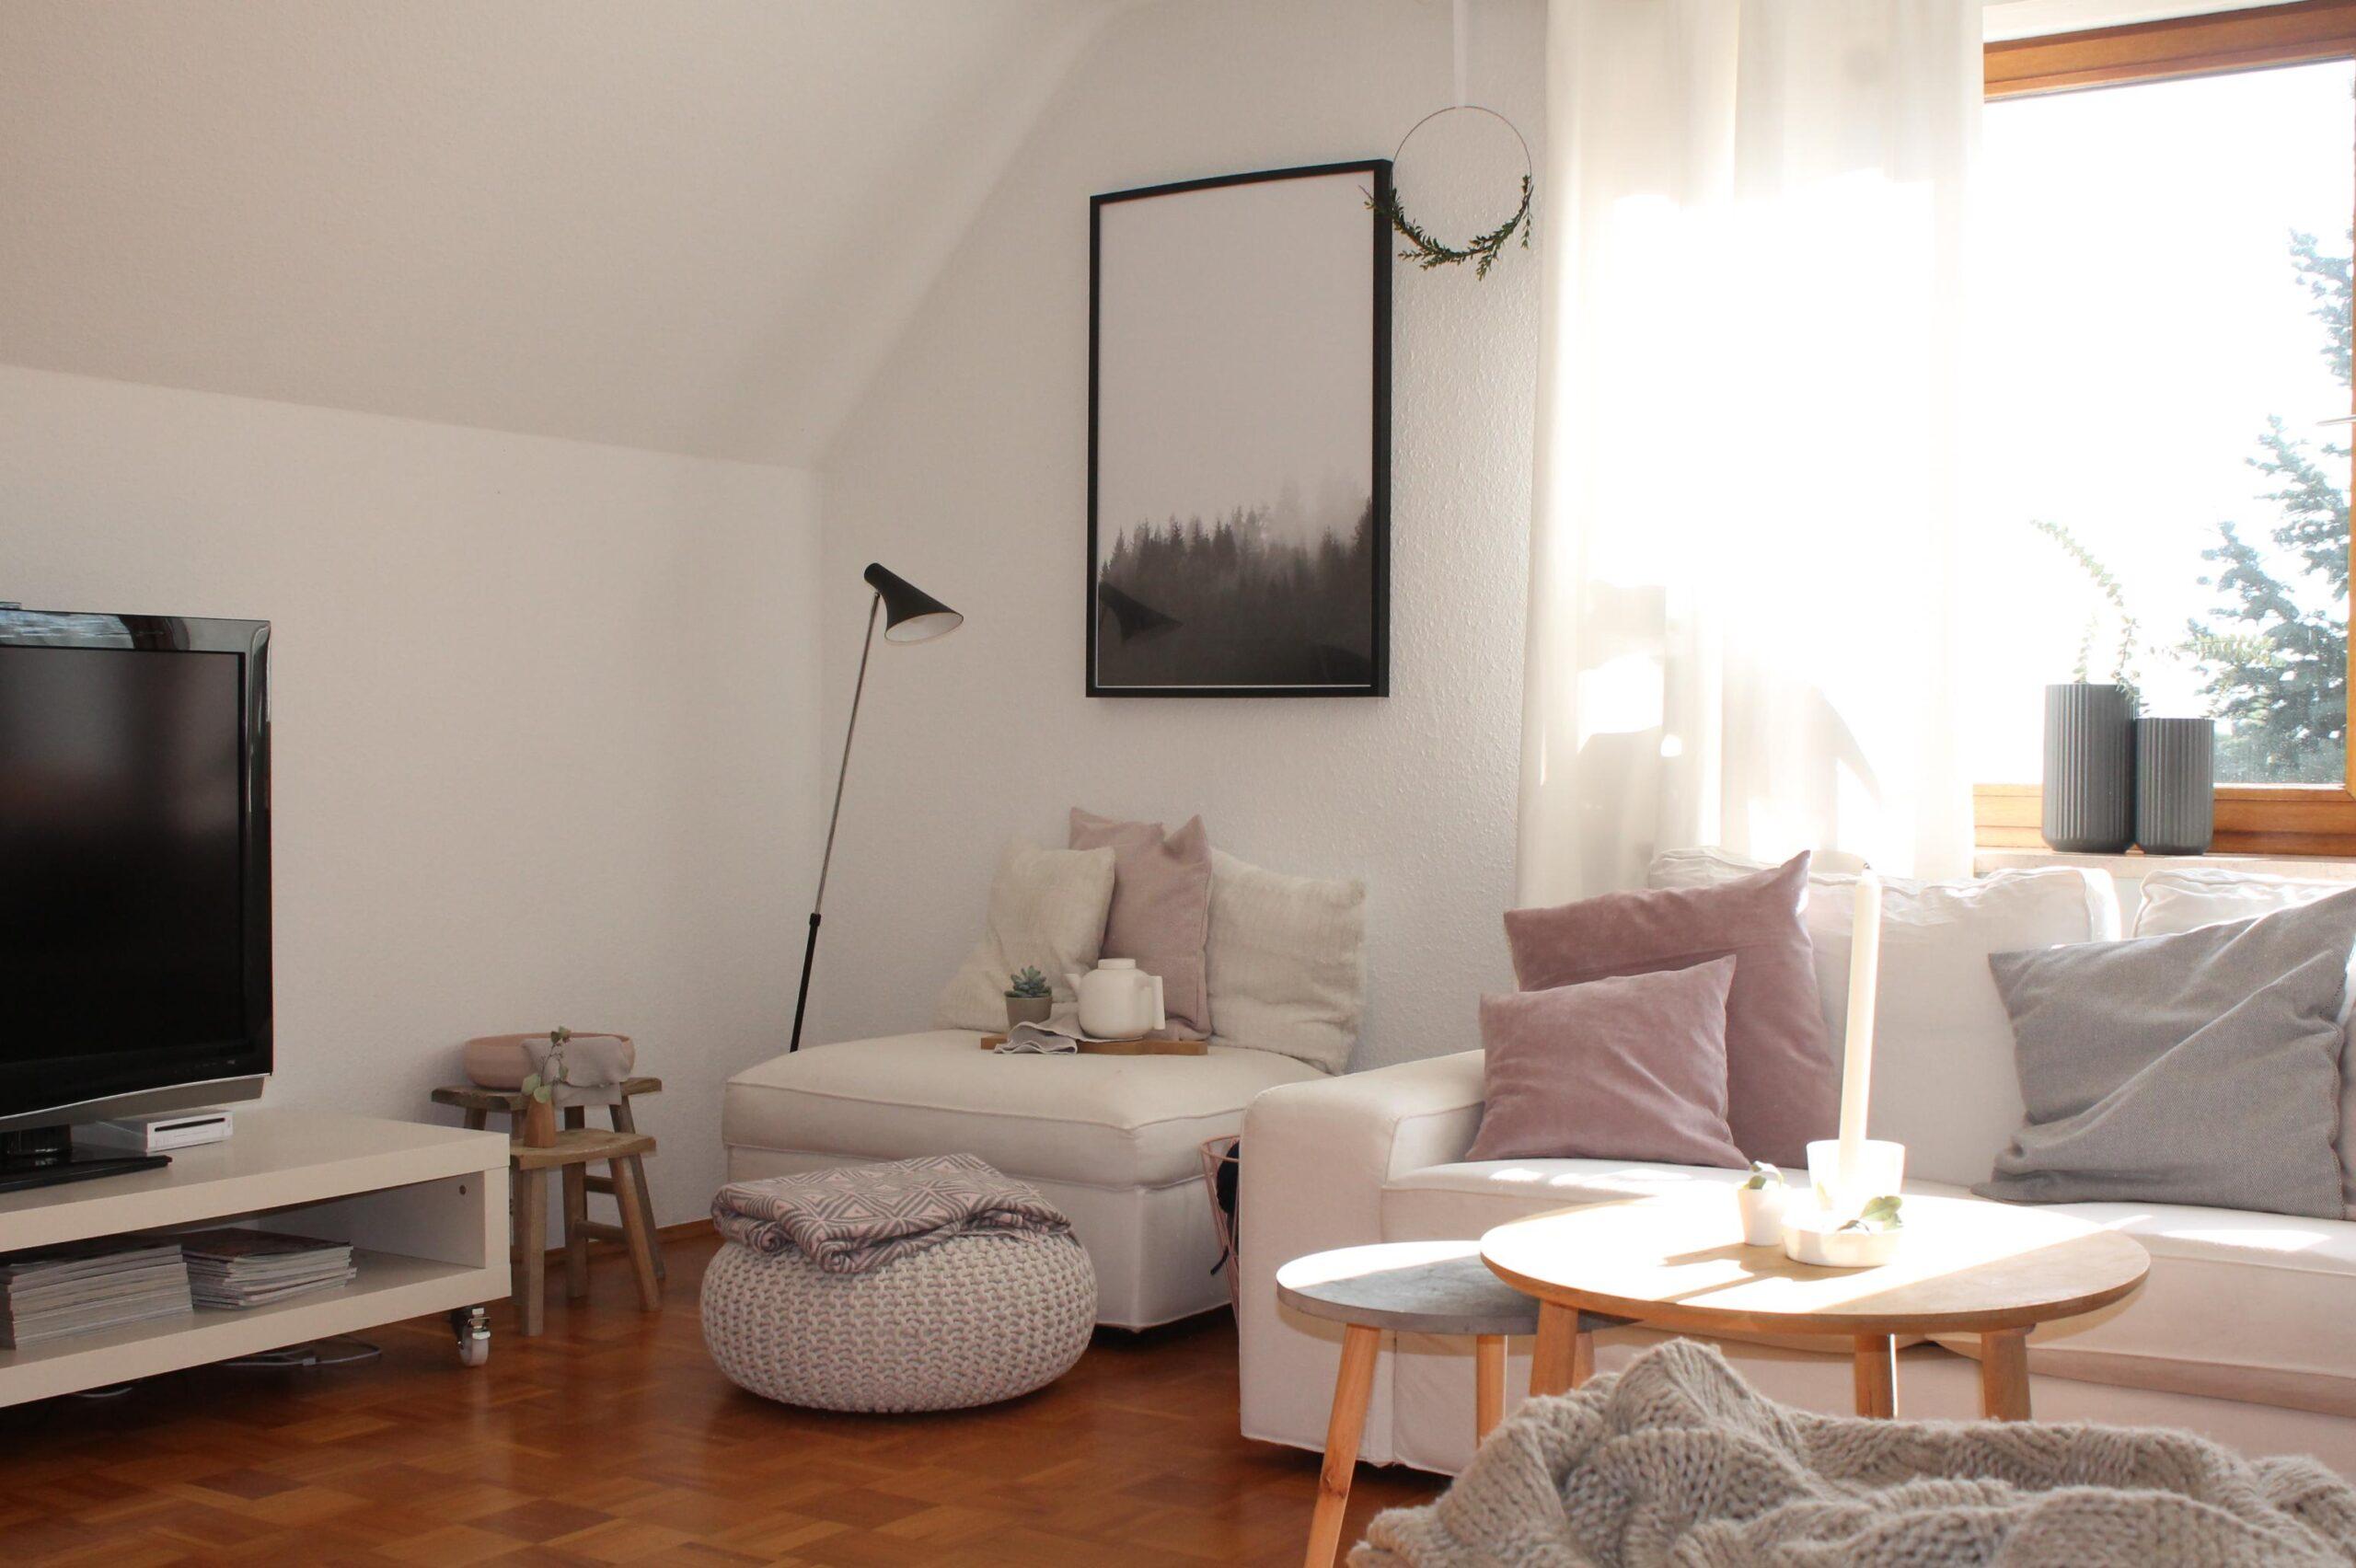 Full Size of Ikea Stehlampe Dimmen Stehlampen Wien Lampe Papier Schirm Lampen Moderne Wohnzimmer Led Dimmbar Lampenschirm Küche Kaufen Sofa Mit Schlaffunktion Kosten Wohnzimmer Stehlampen Ikea